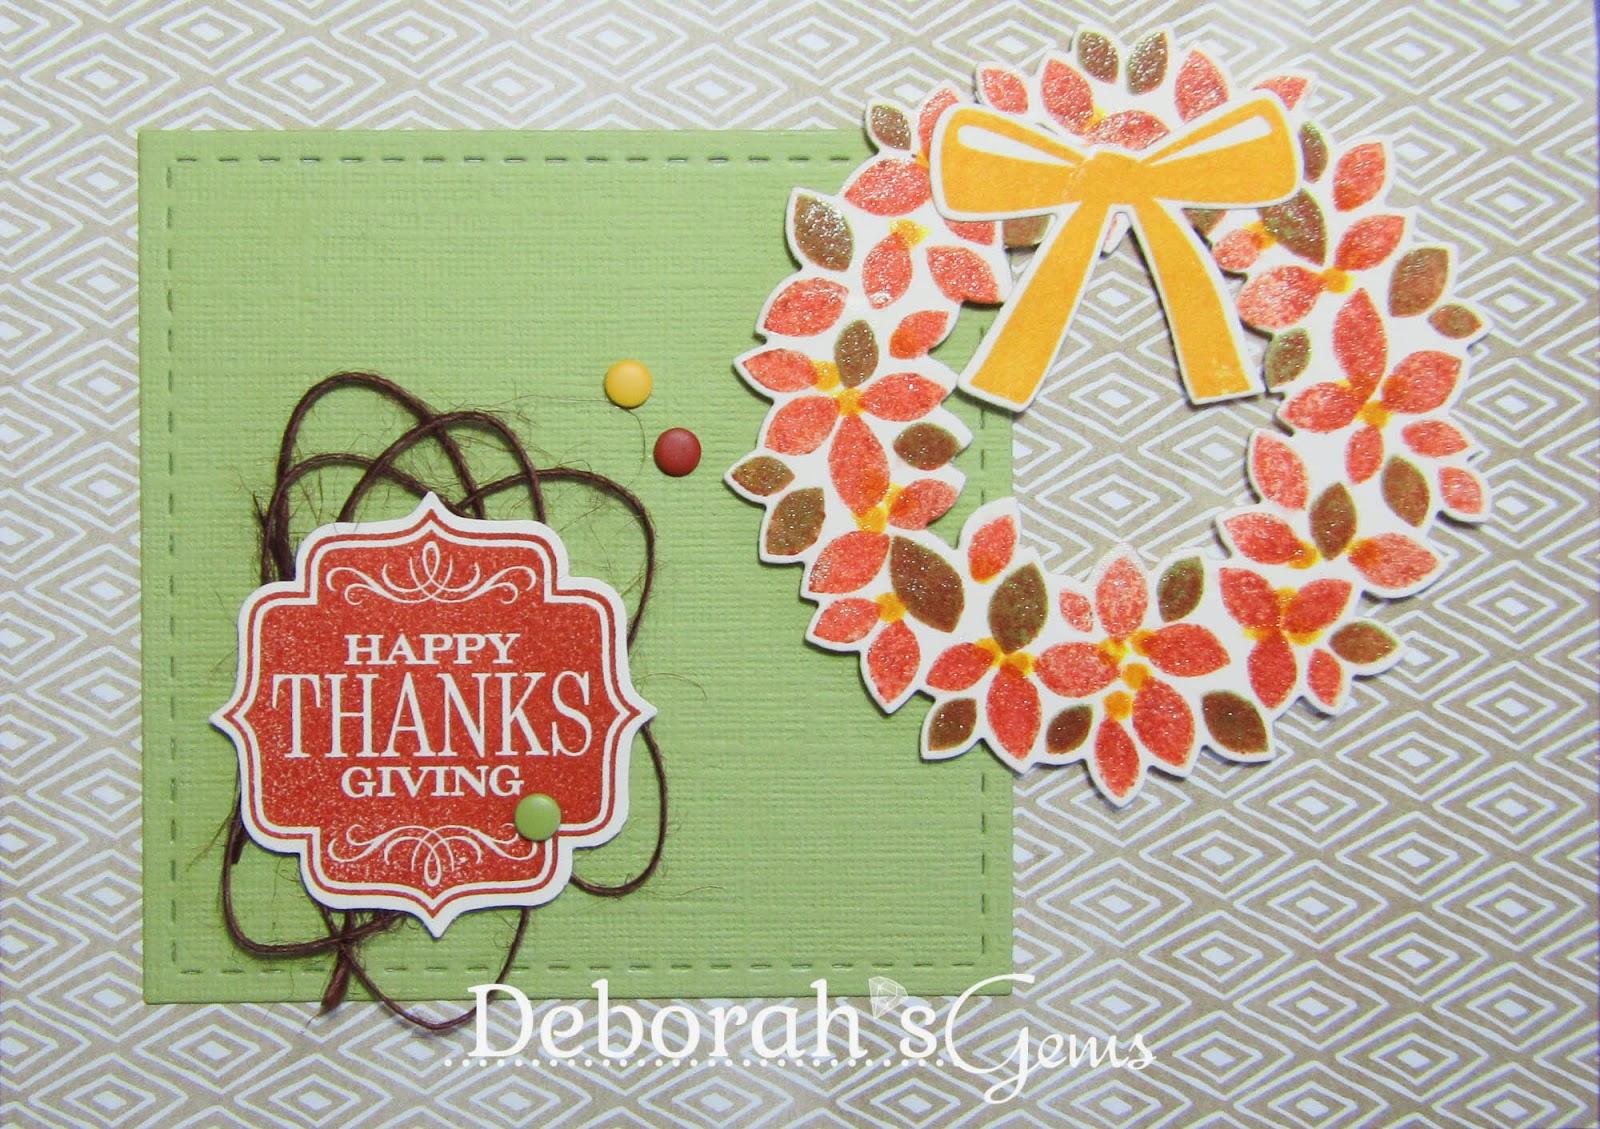 Happy Thanksgiving - photo by Deborah Frings - Deborah's Gems